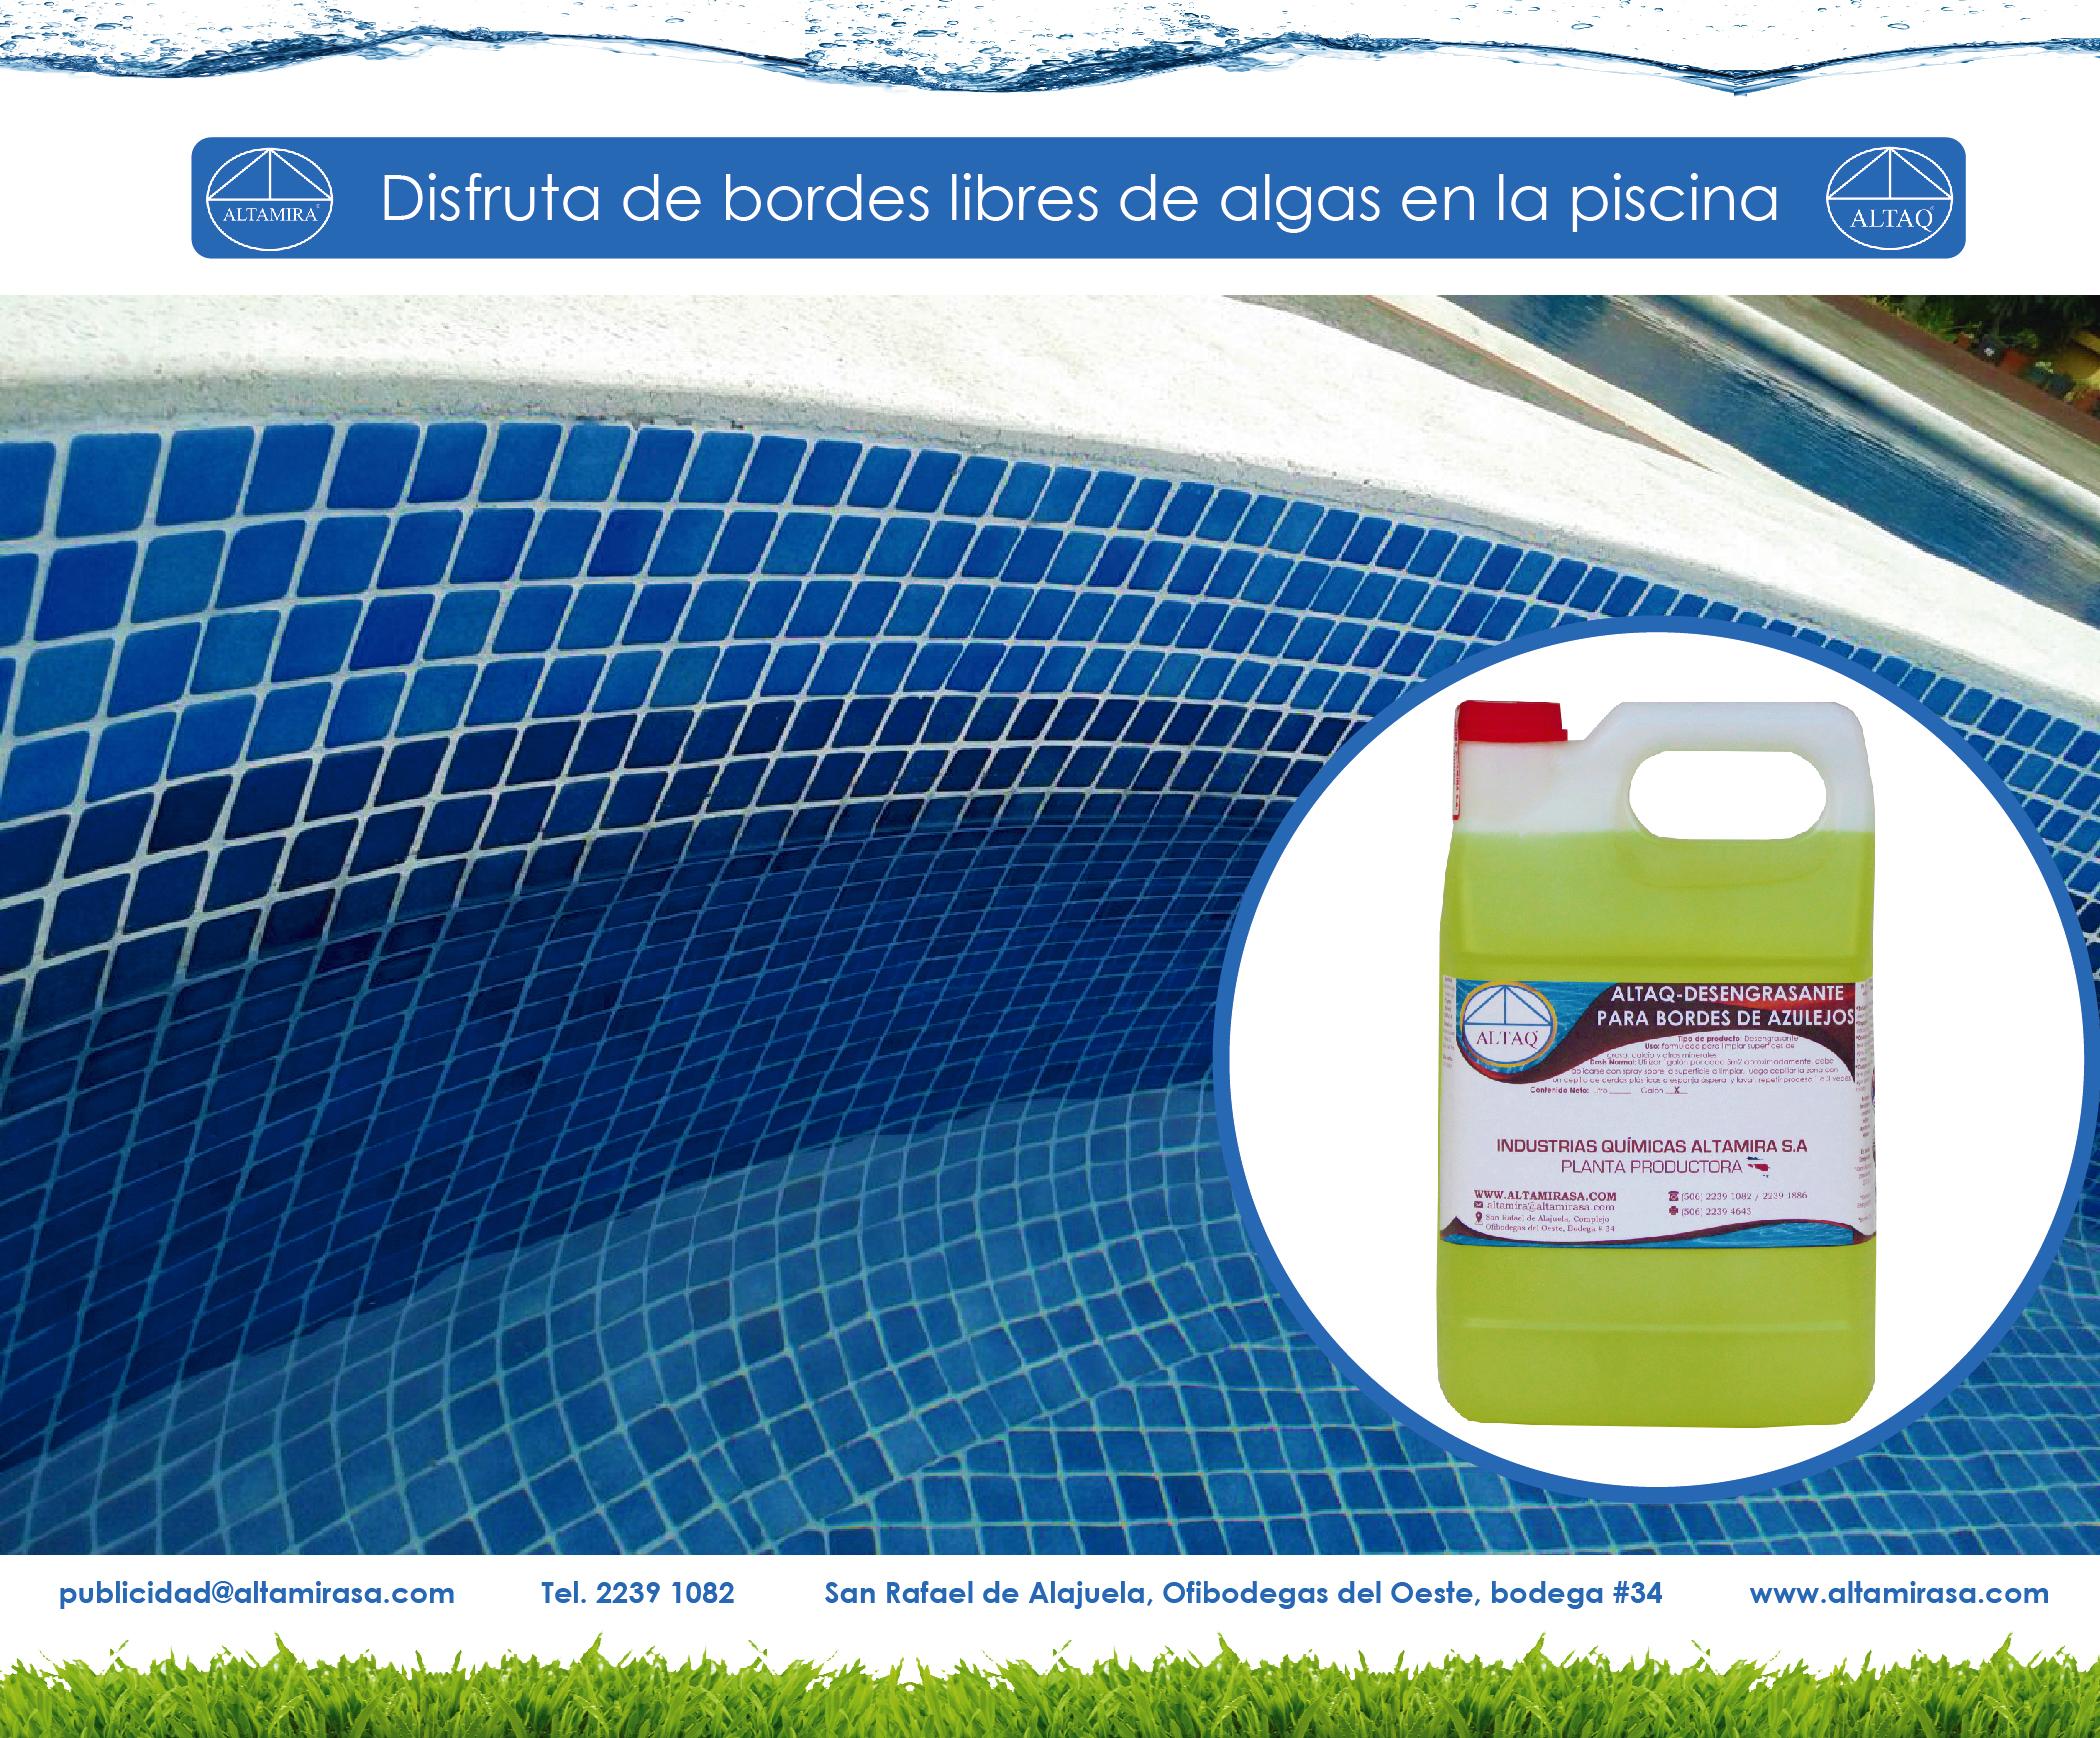 ¿Cómo arrancamos la suciedad de los azulejos de la piscina?